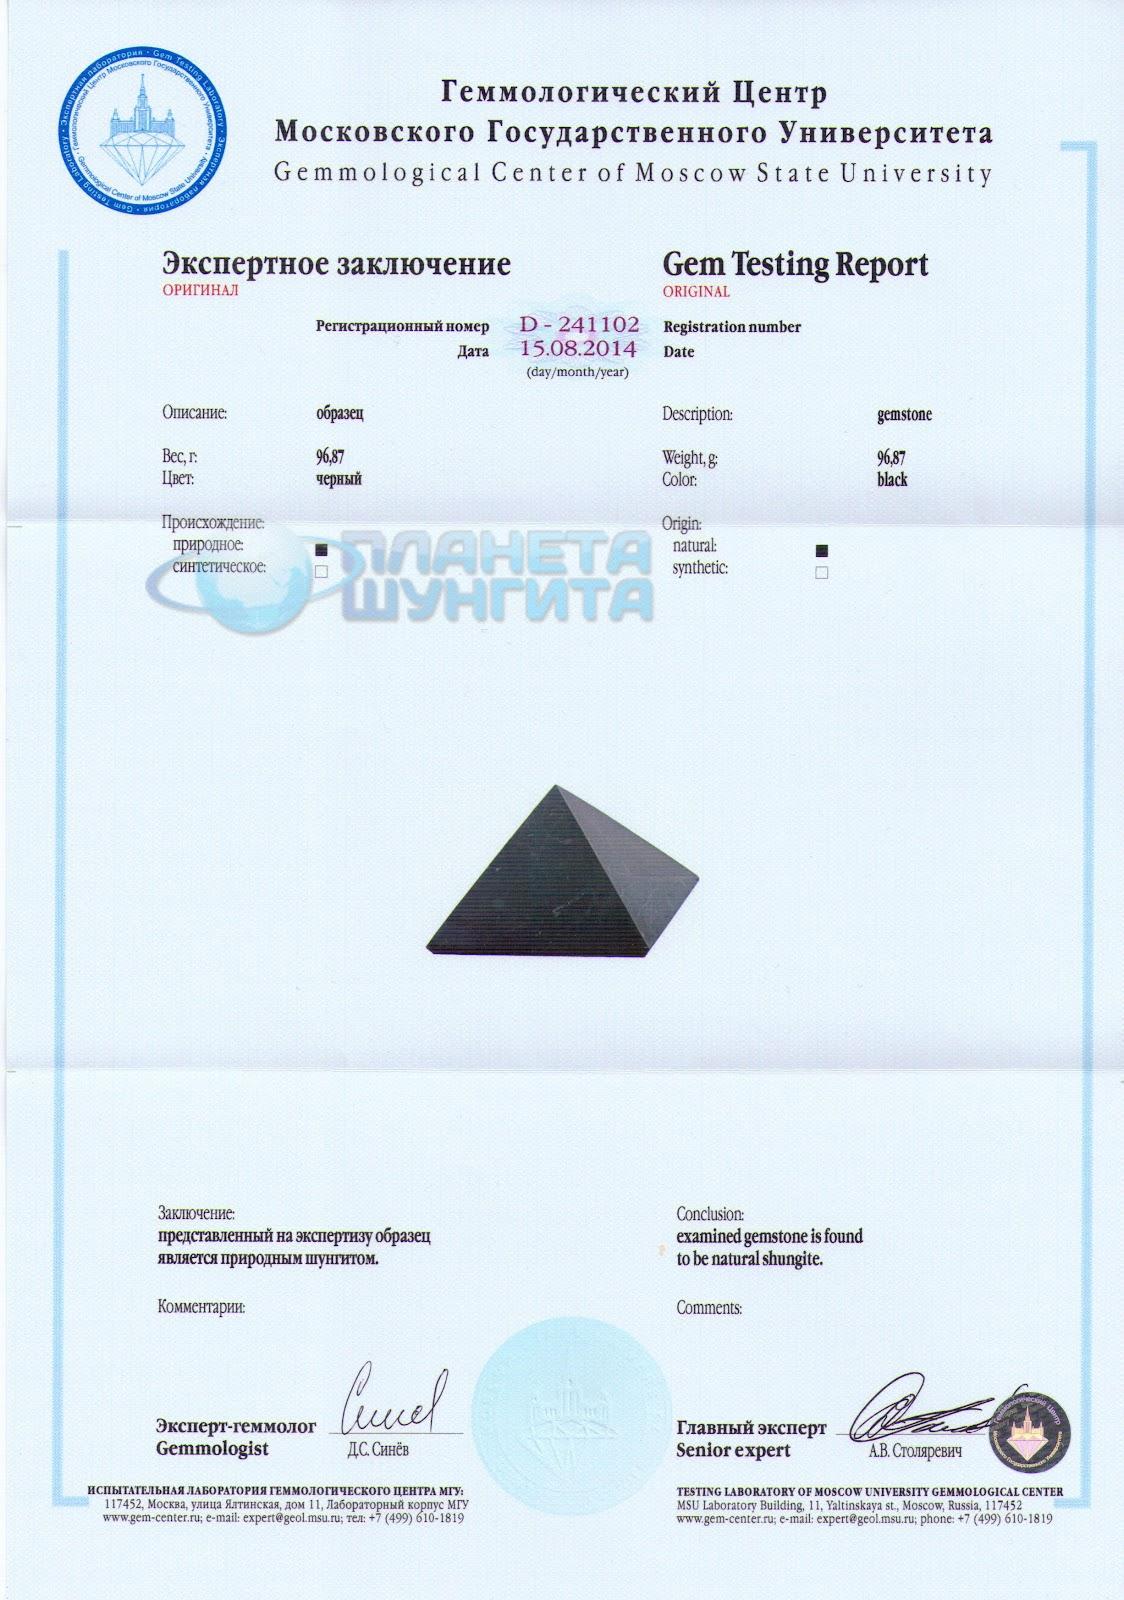 Сертификат шунгита от магазина Планета Шунгита